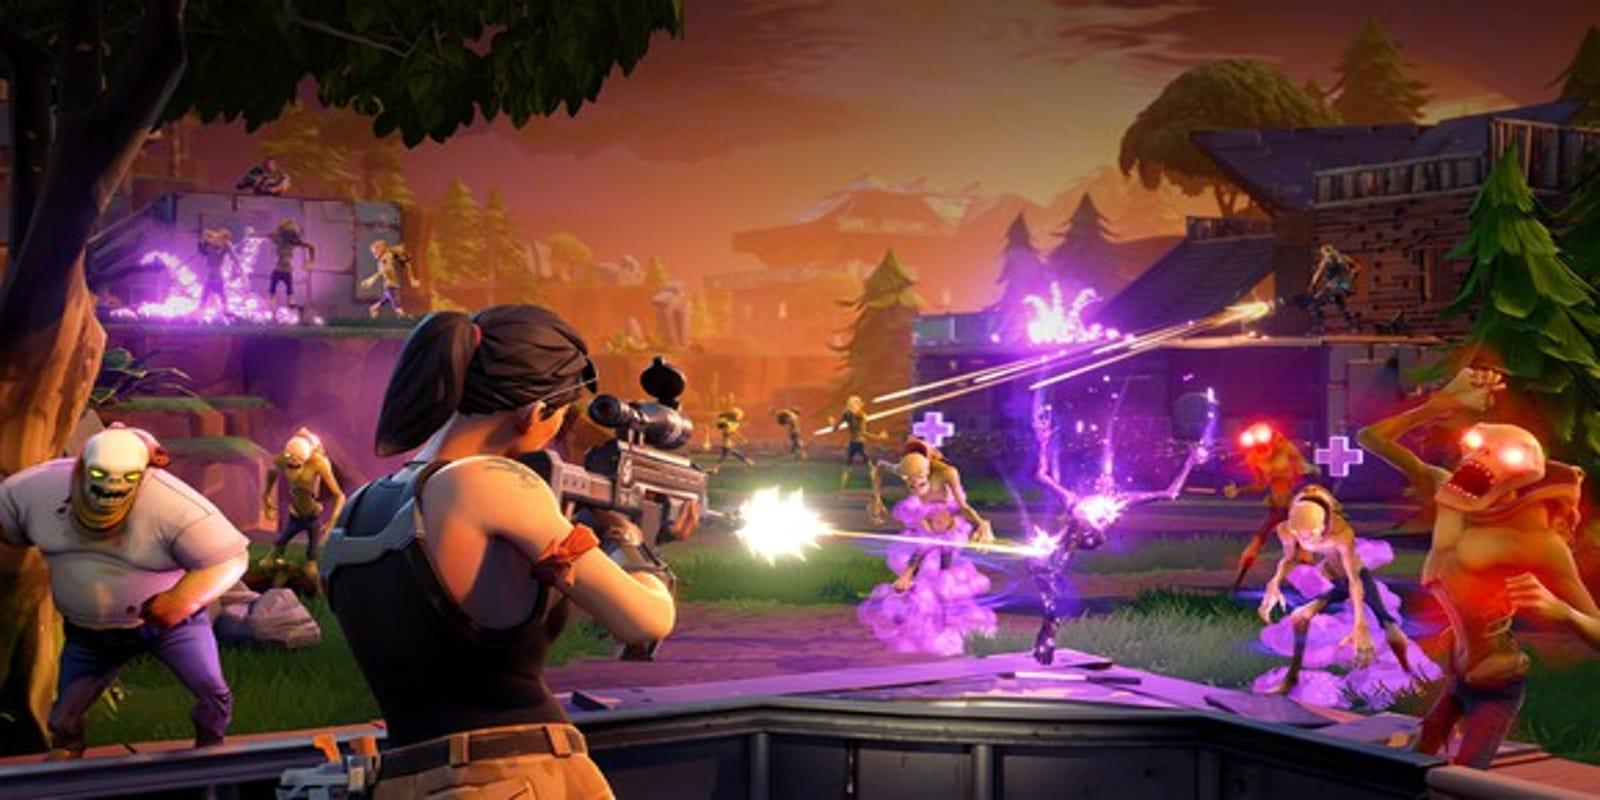 Fortnite Season 6: Epic Games investigates Xbox, Vbucks issues